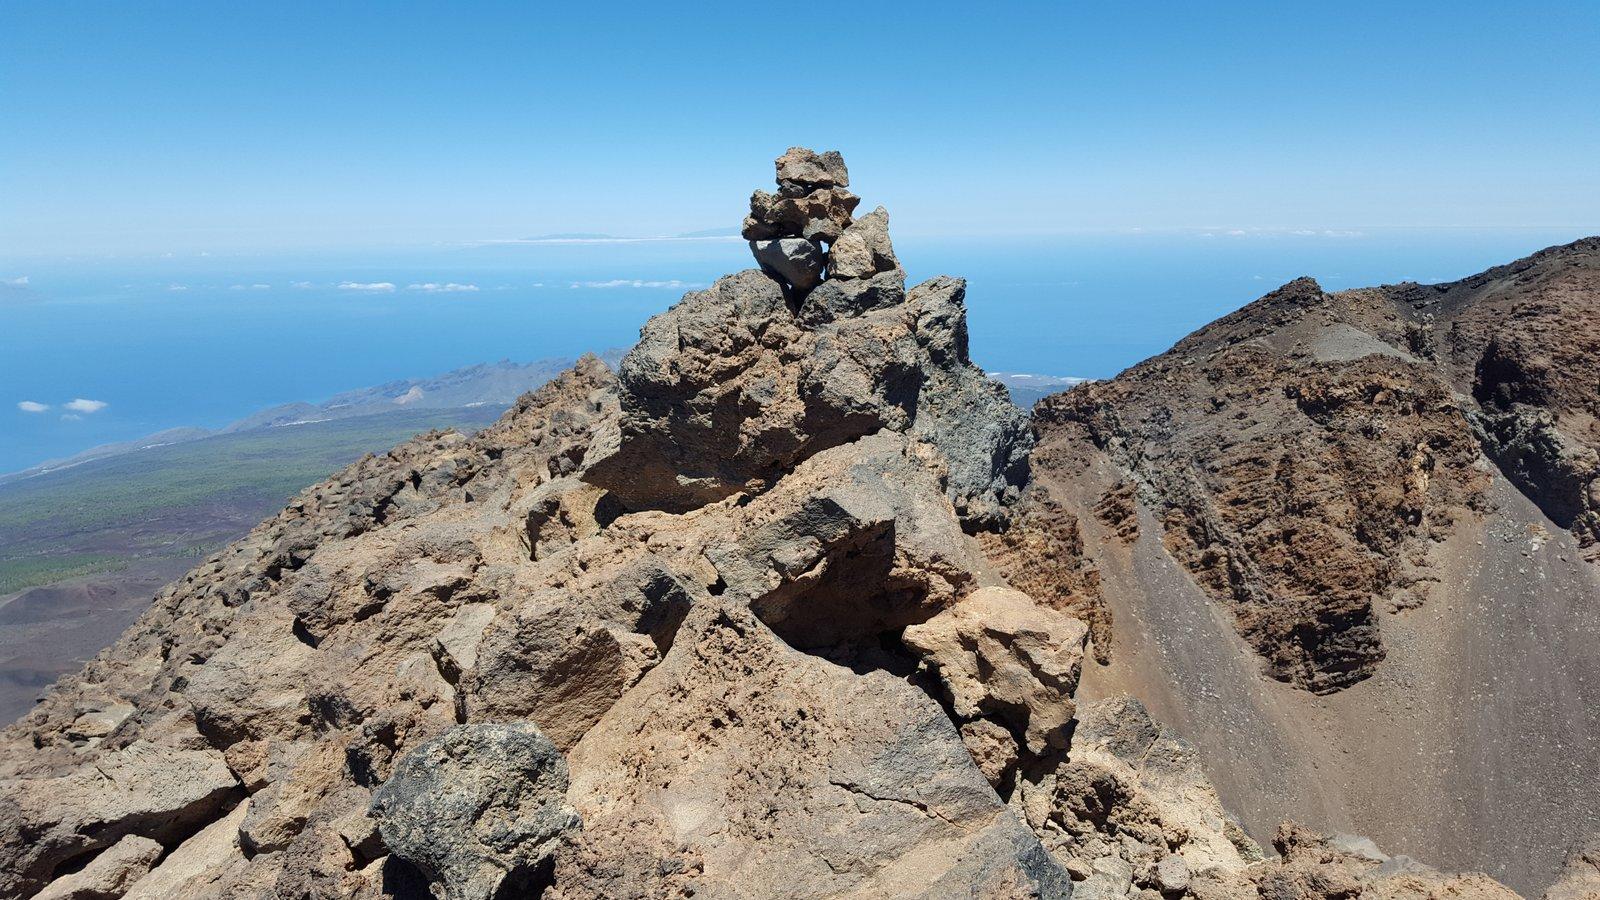 Ometto sulla seconda cima del Pico Sur, a dx il cratere precipita verticalmente